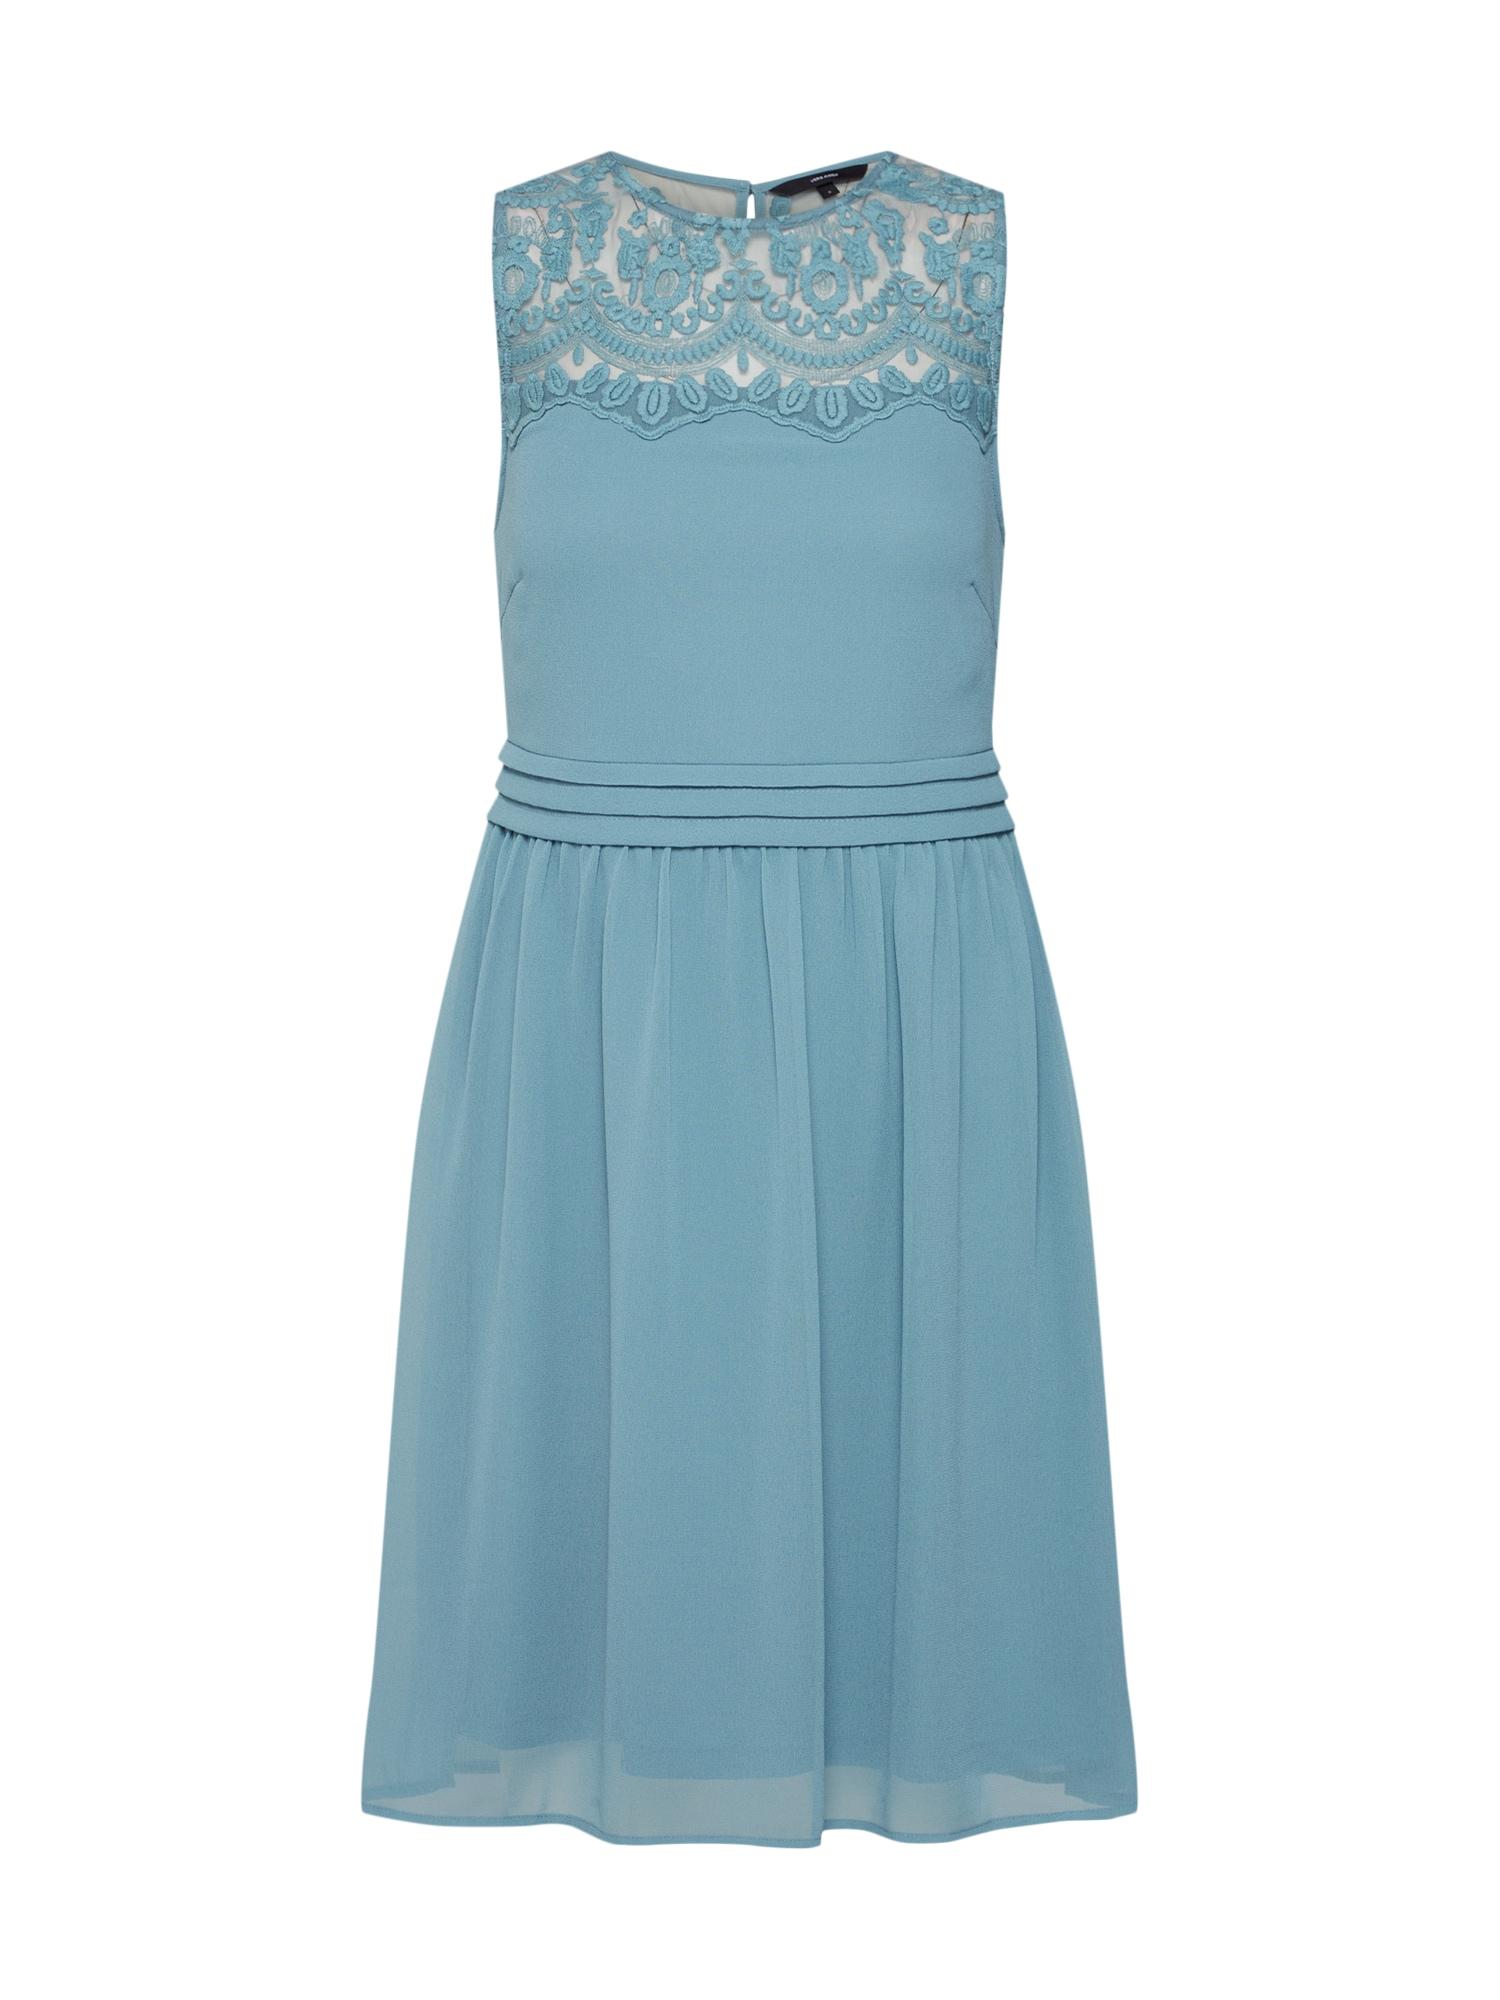 Letní šaty Vanessa kouřově modrá VERO MODA